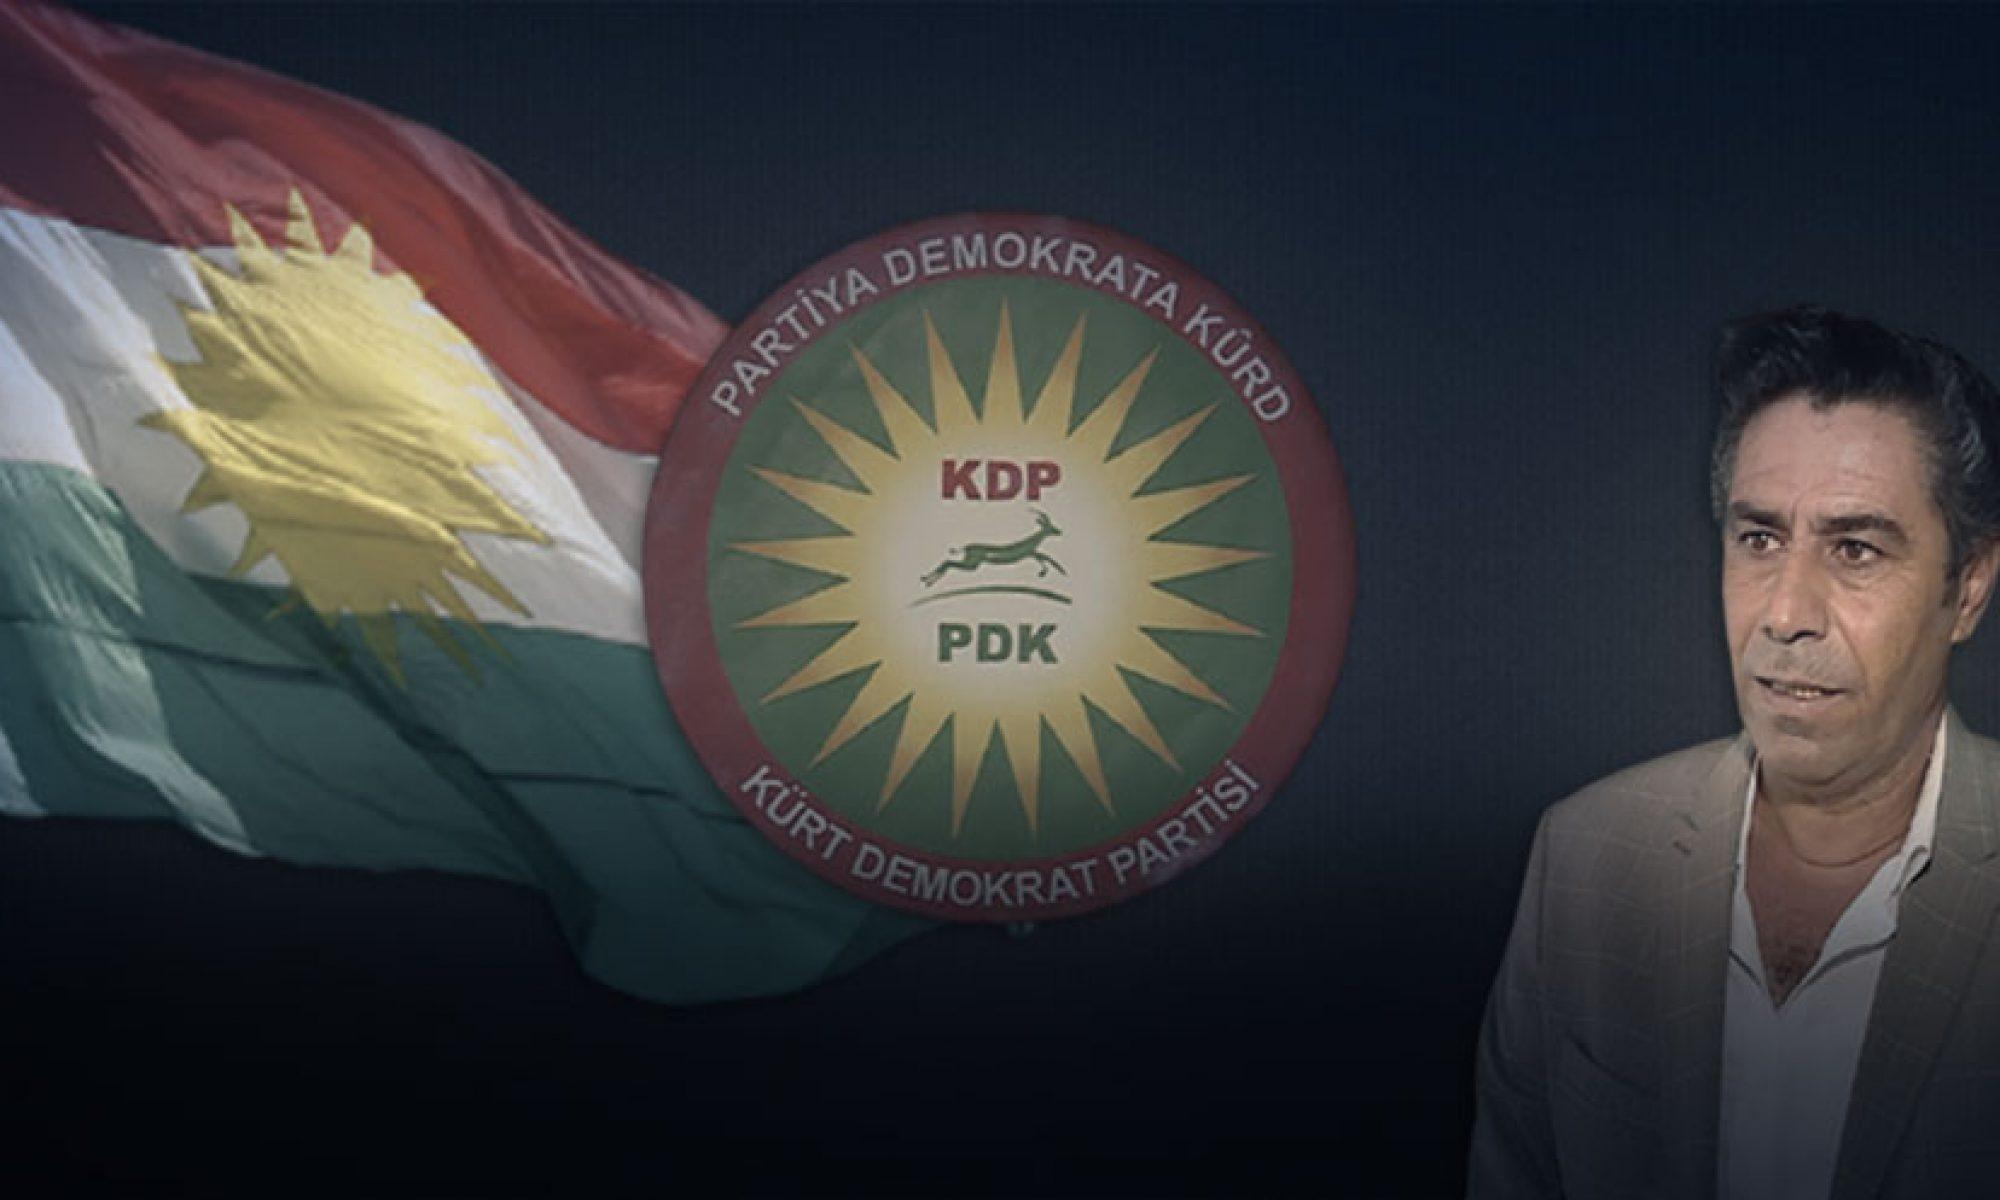 Partiyek bi navê Partiya Demokrat a Kurd hat damezrandin